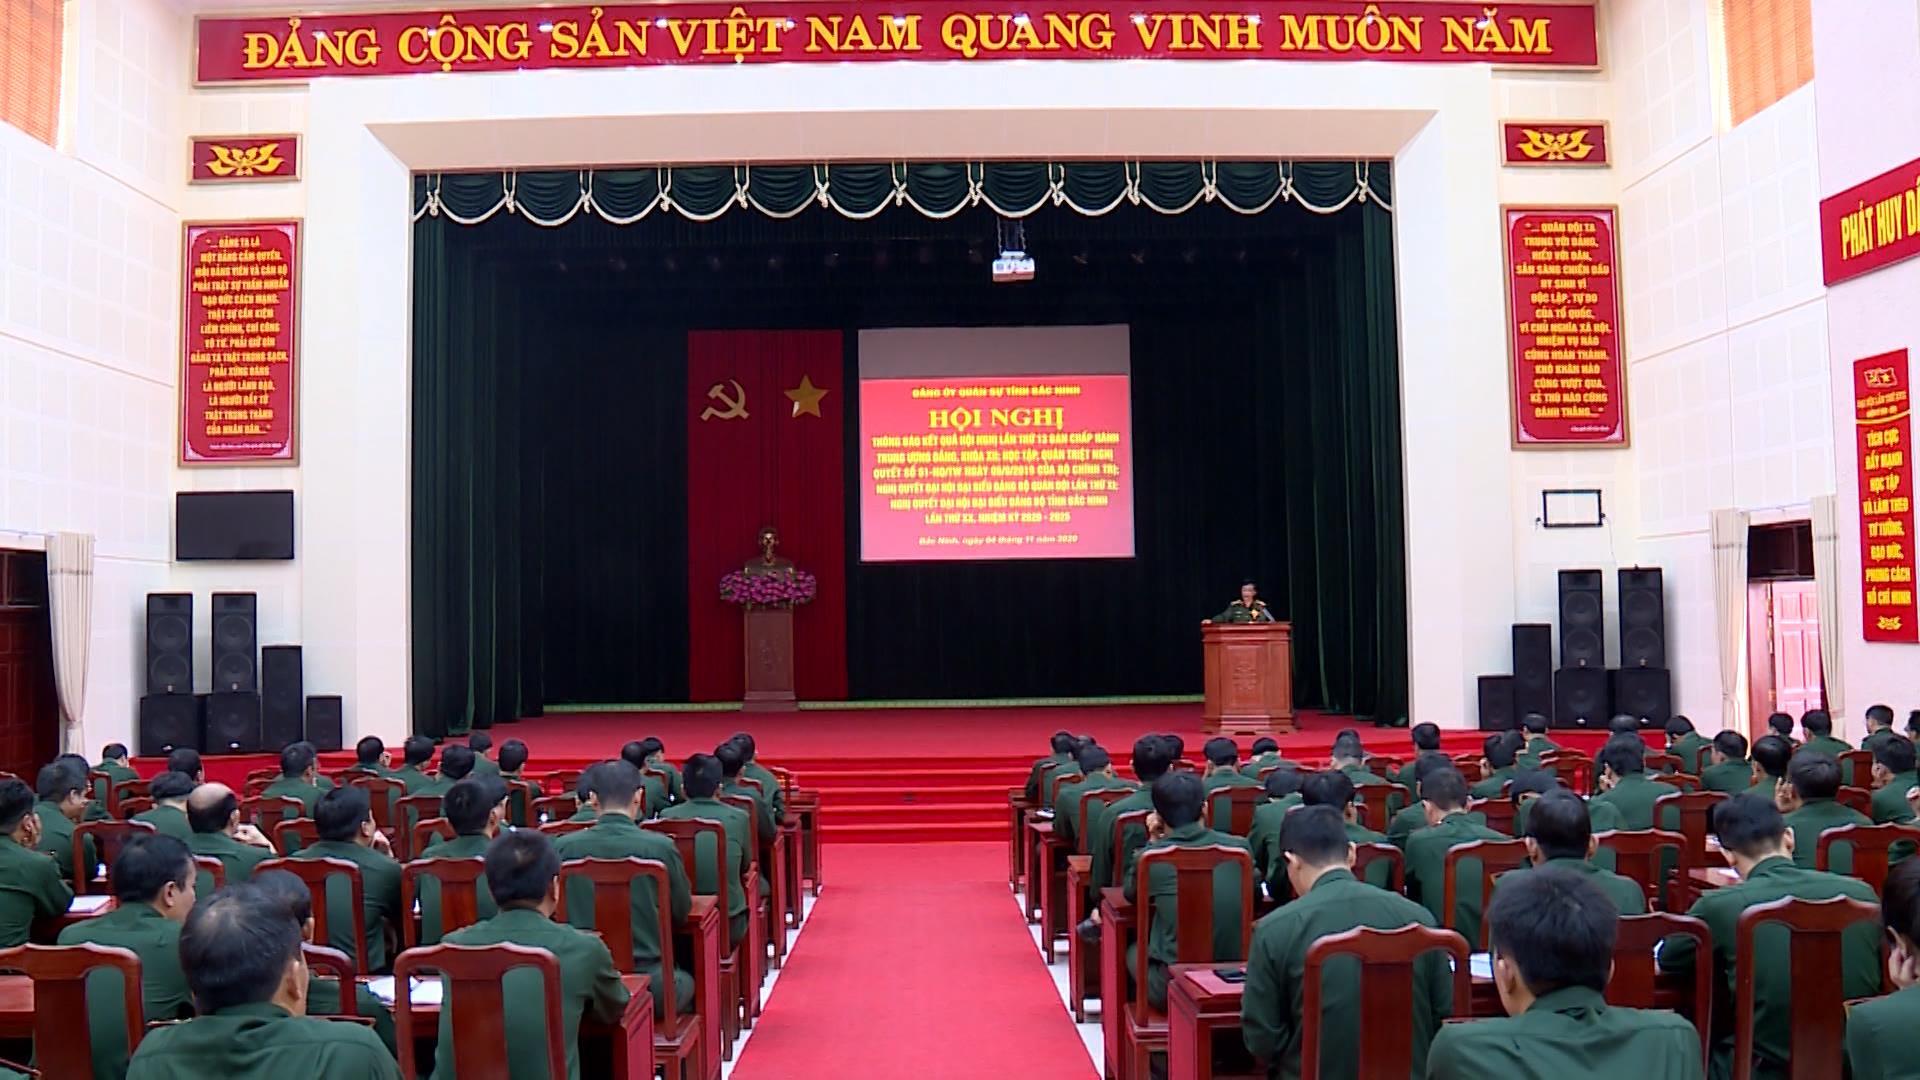 Đảng ủy Quân sự tỉnh thông báo kết quả Hội nghị lần thứ 13 của Đảng